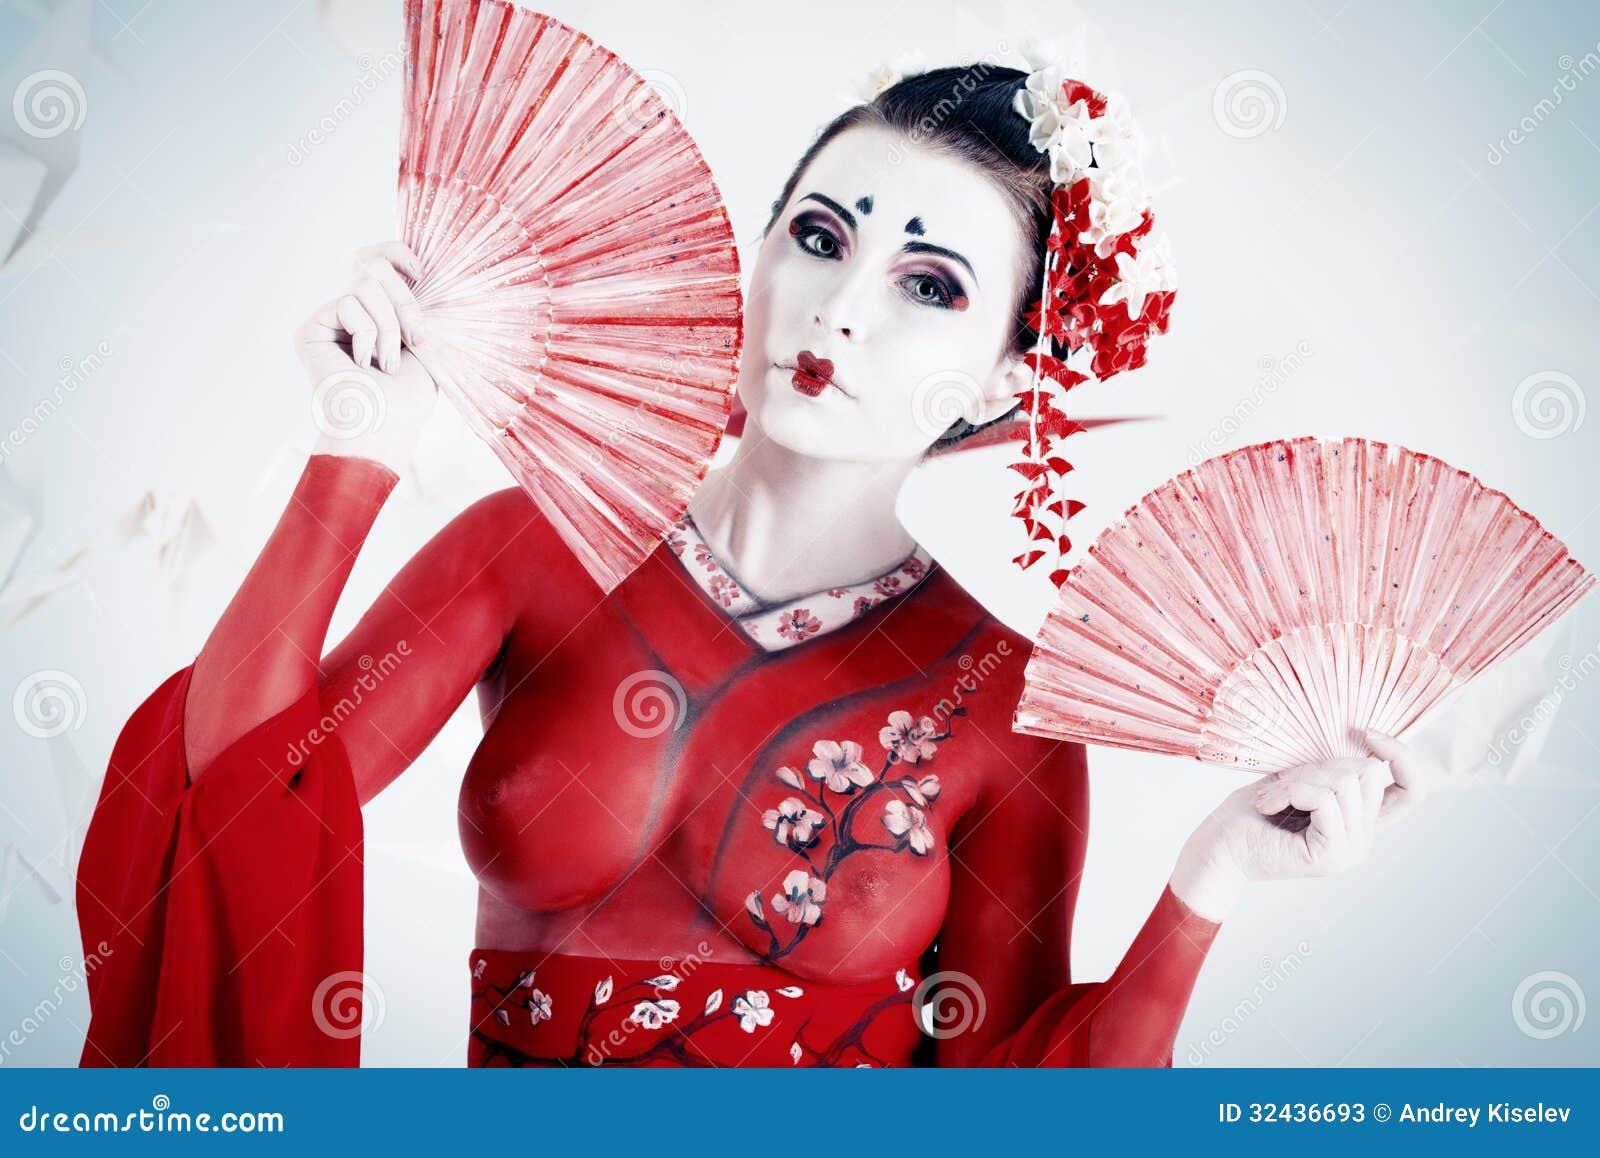 Red Kimono Stock Photos Image 32436693